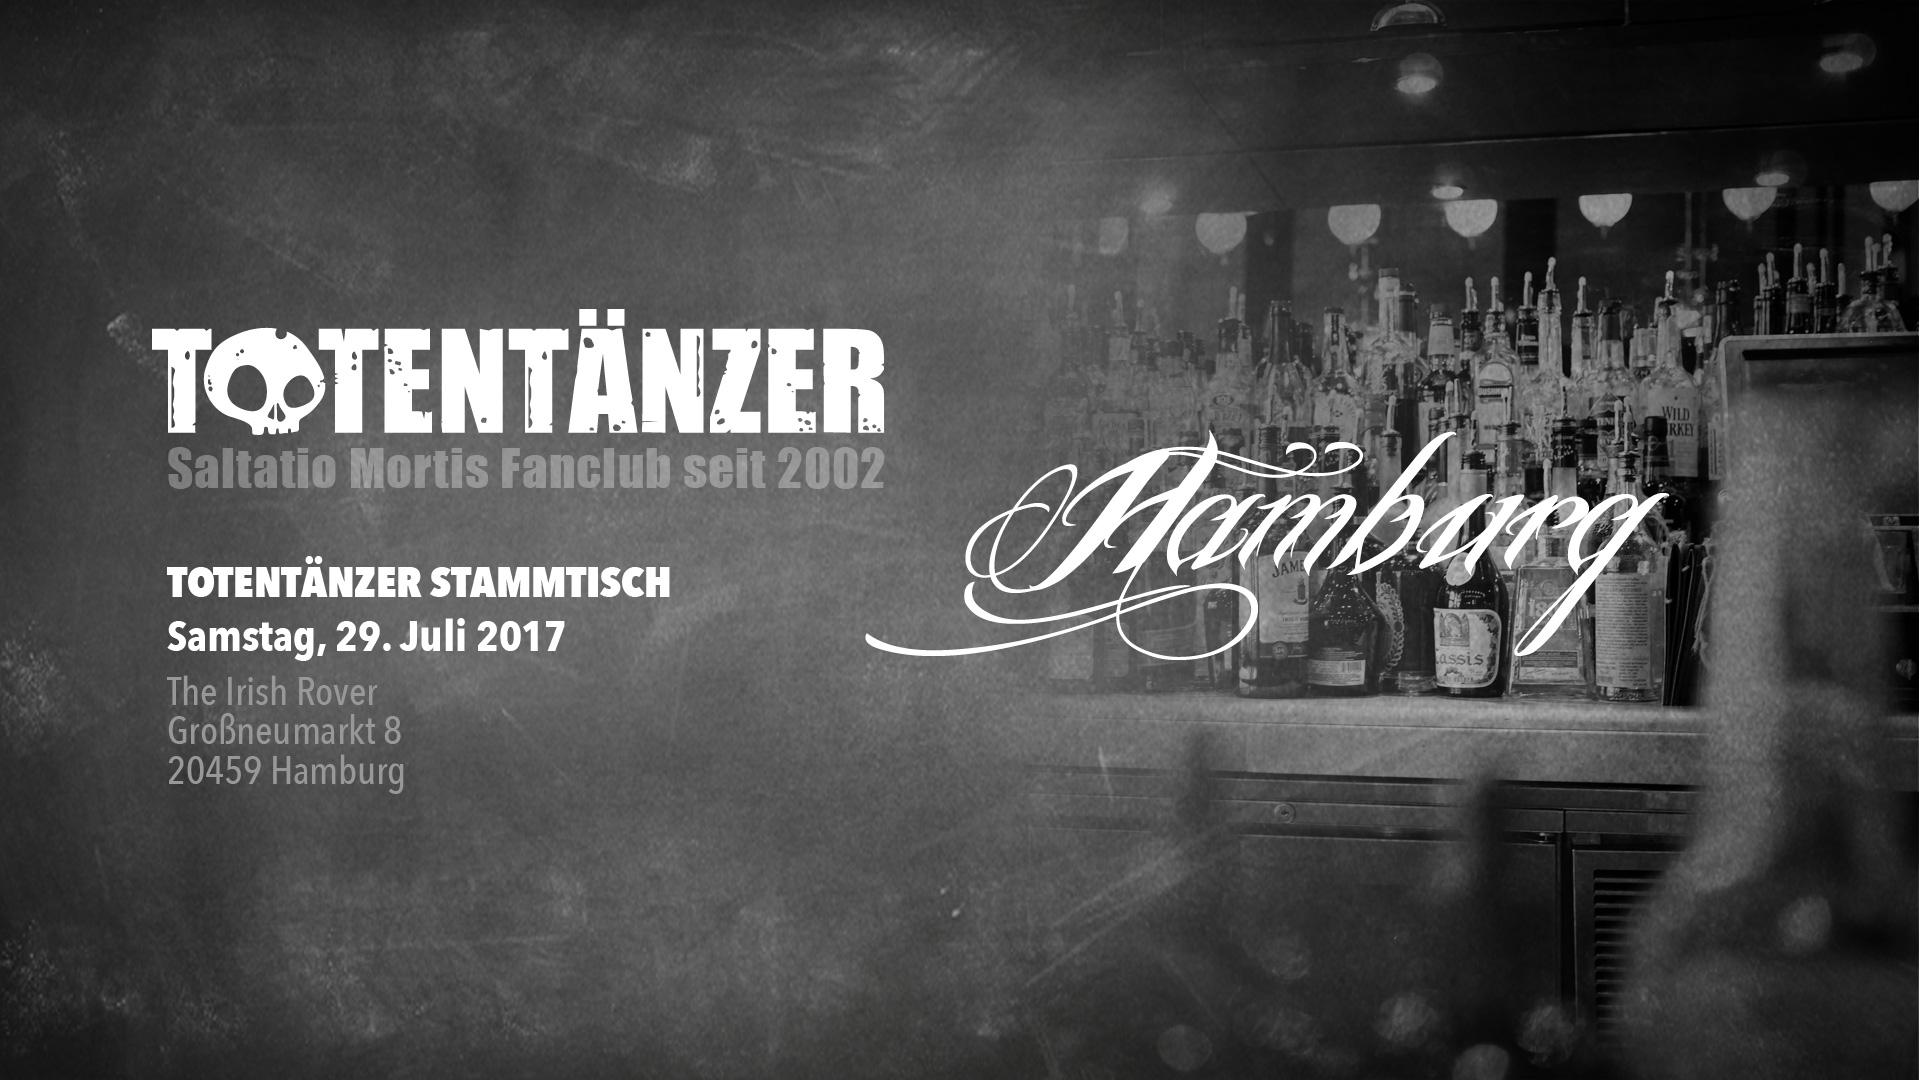 Totentänzer Stammtisch Hamburg